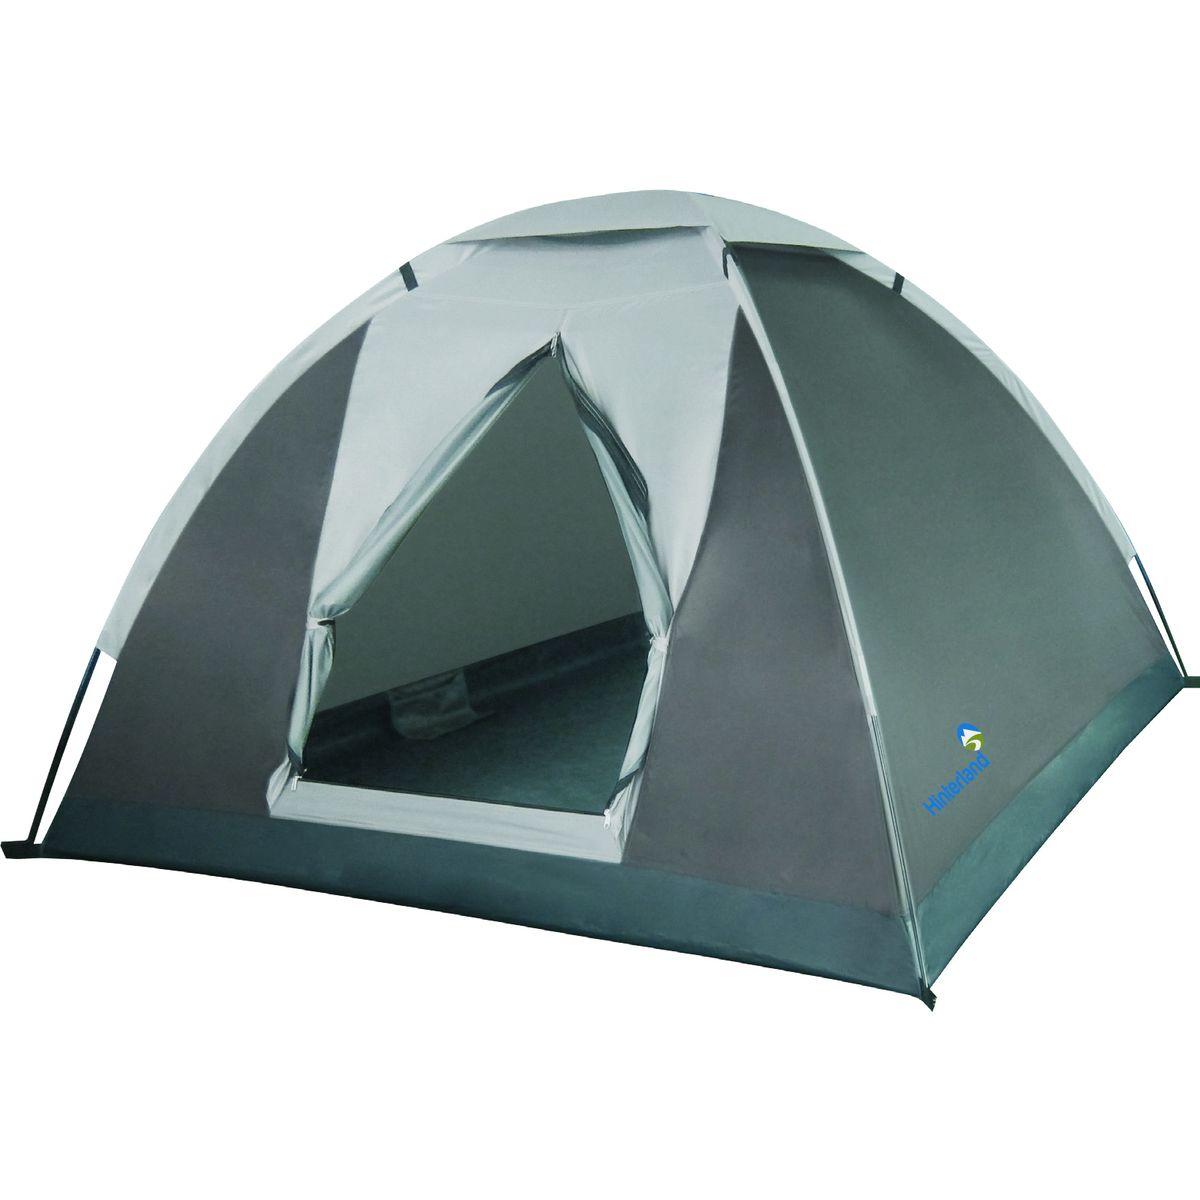 Hinterland 3 Person 200cm x 180cm Dome Tent | BIG W  sc 1 st  Pinterest & Hinterland 3 Person 200cm x 180cm Dome Tent | BIG W | Camping ...